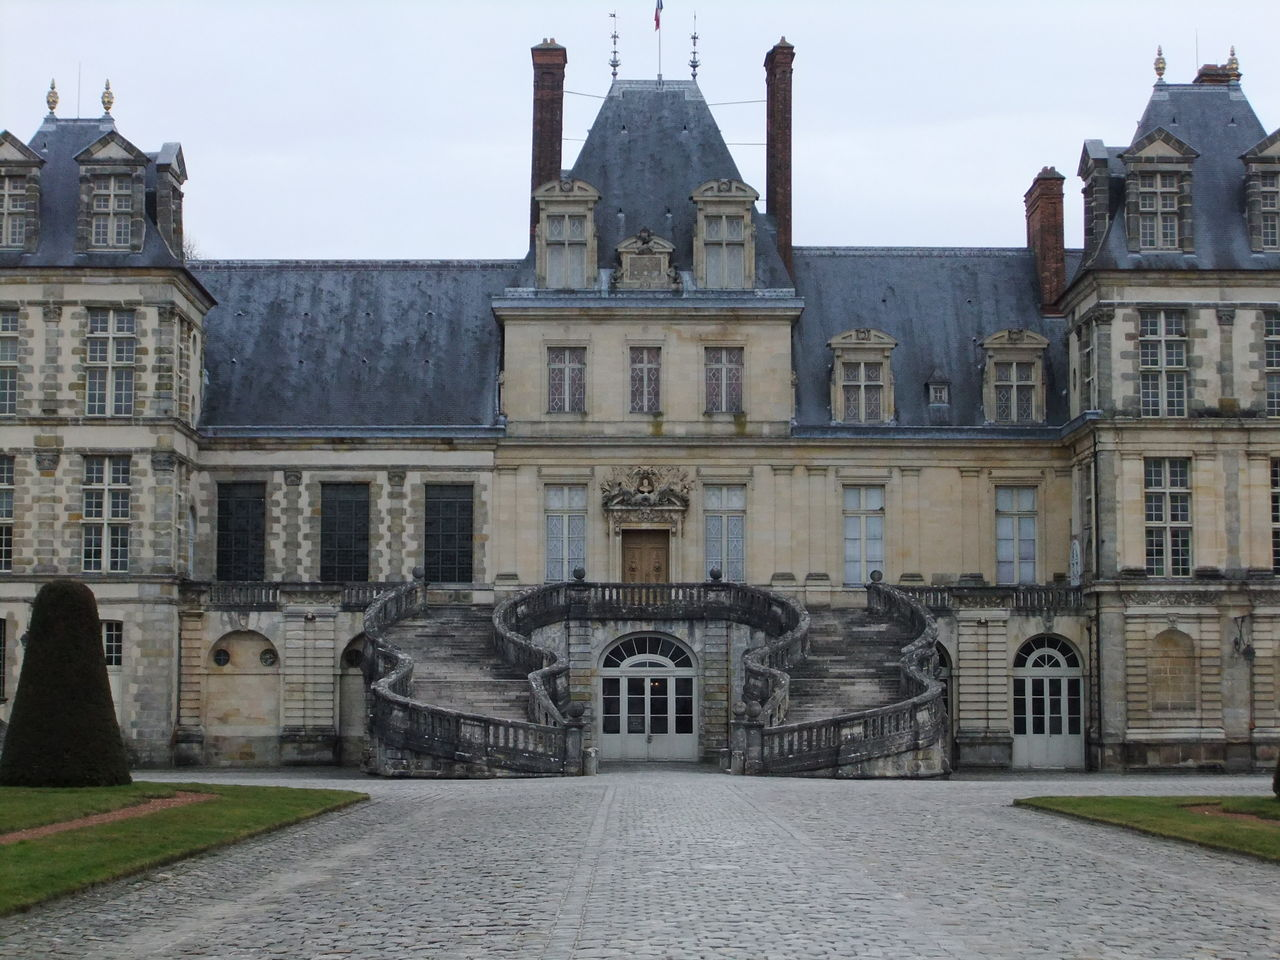 フォンテーヌブロー宮殿の画像 p1_37